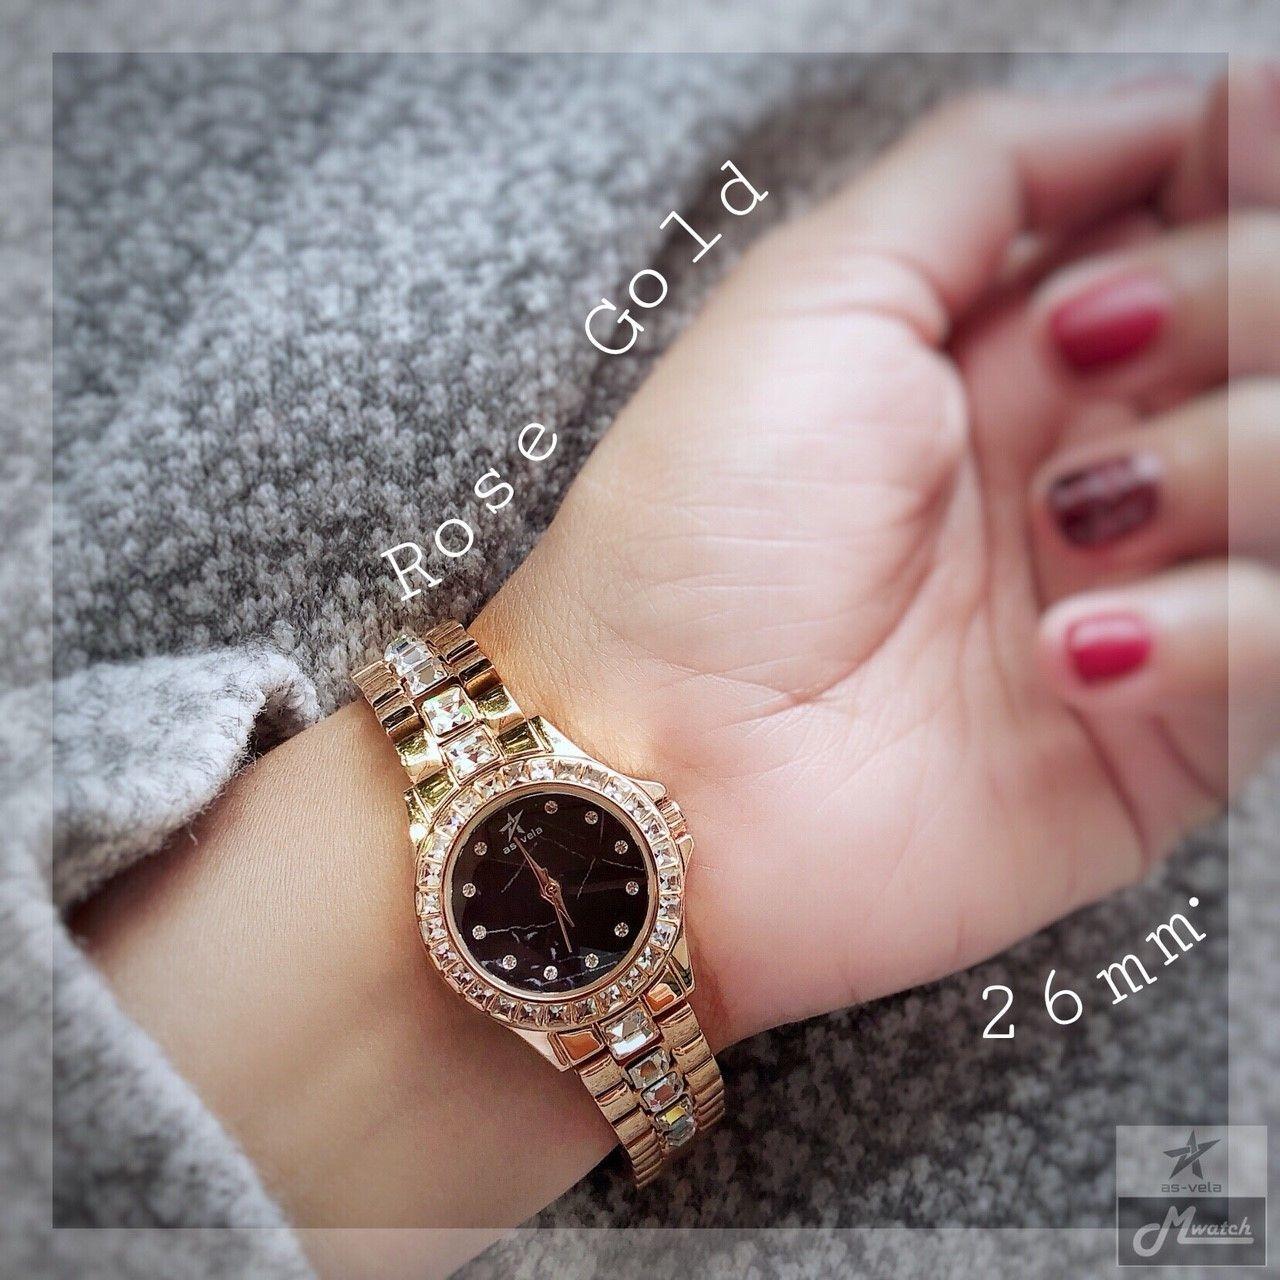 272 นาฬิกาข้อมือผู้หญิงหน้าปัดหินแท้ สีPink Gold